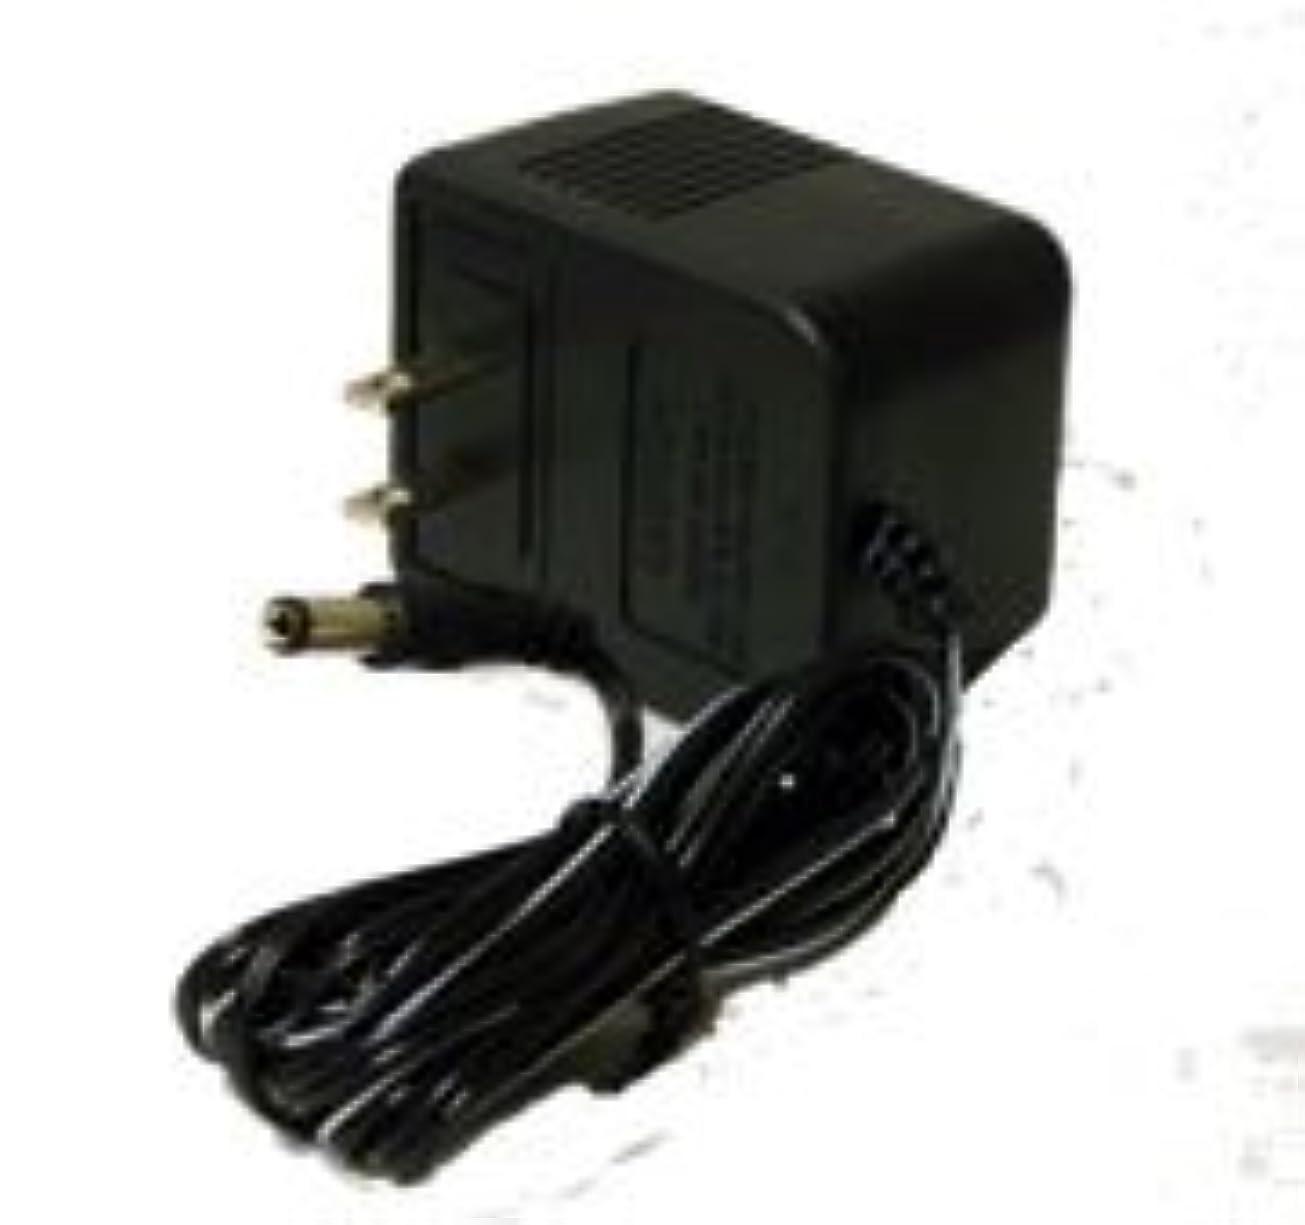 経験セージ呼吸生活の木 エッセンシャルオイルディフューザー用部品ACアダプター (08-802-1070)